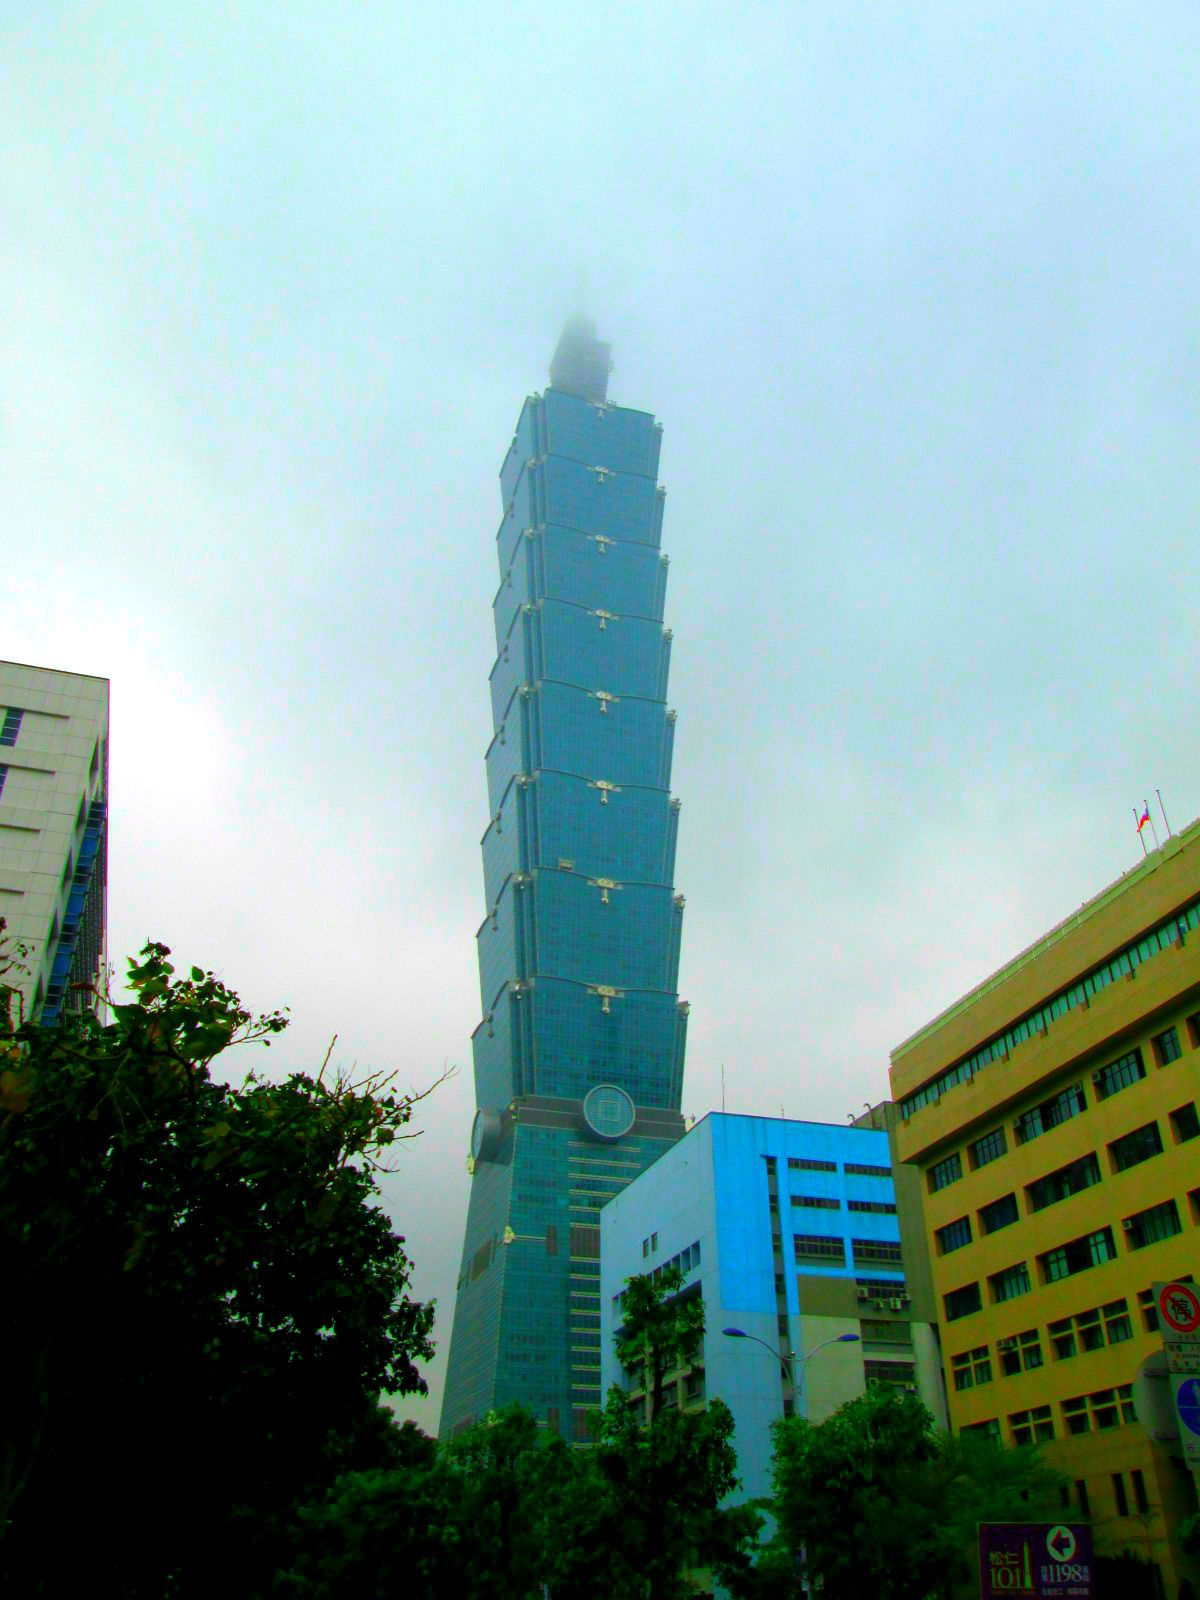 高さ509メートル!世界トップクラスの「台北101」の大迫力を感じよう!